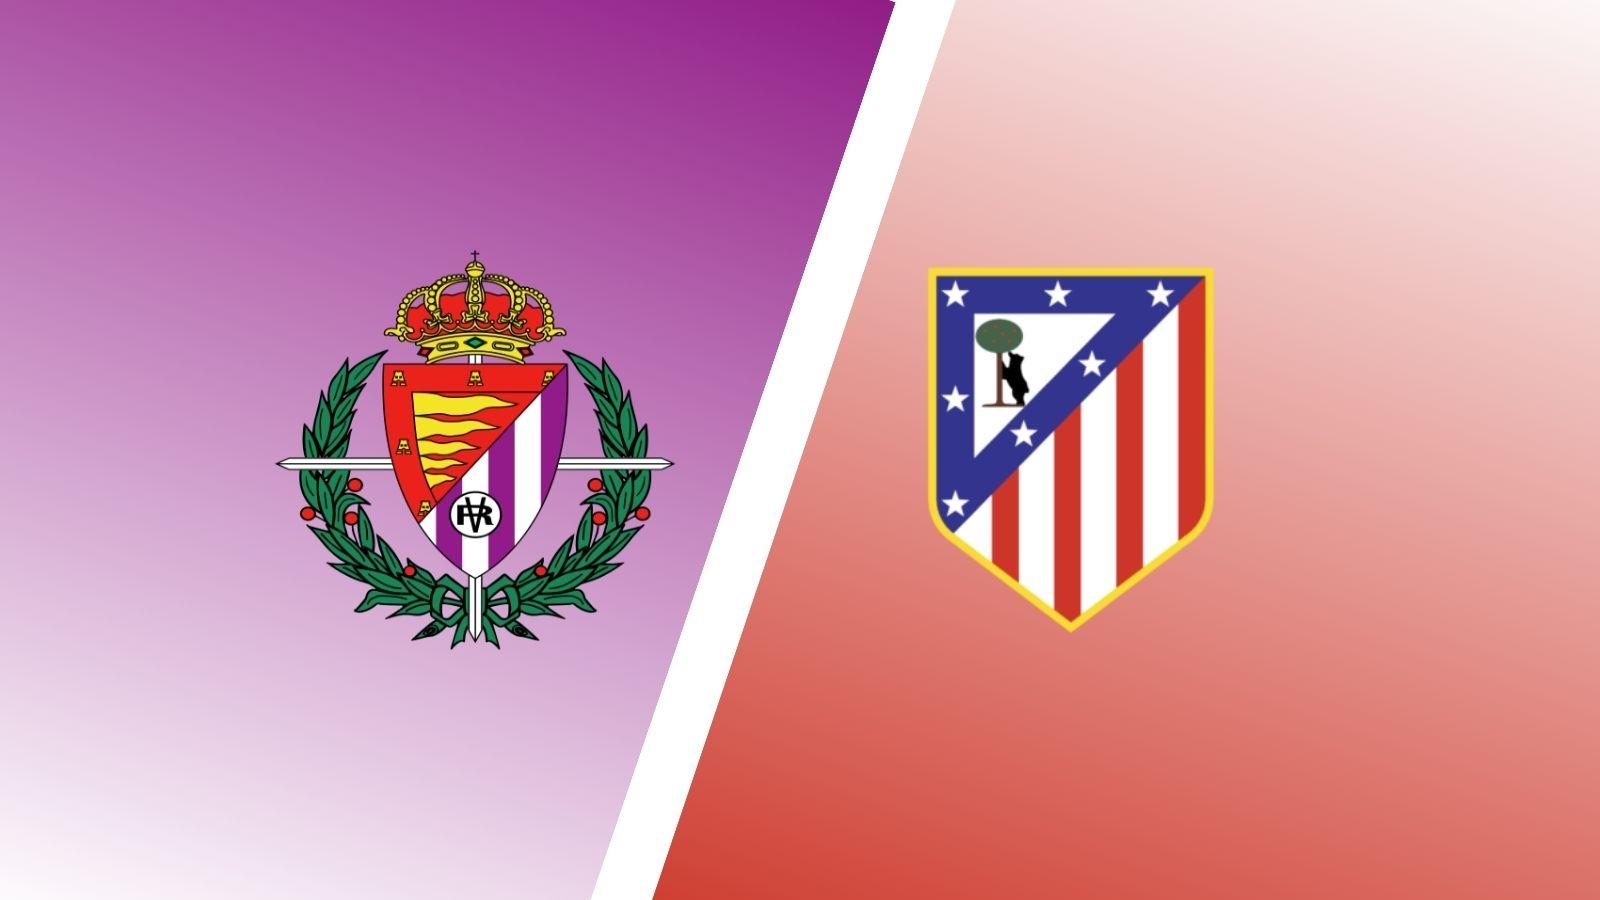 موعد مباراة أتليتكو مدريد ضد بلد الوليد والقنوات الناقلة اليوم في الدوري الإسباني